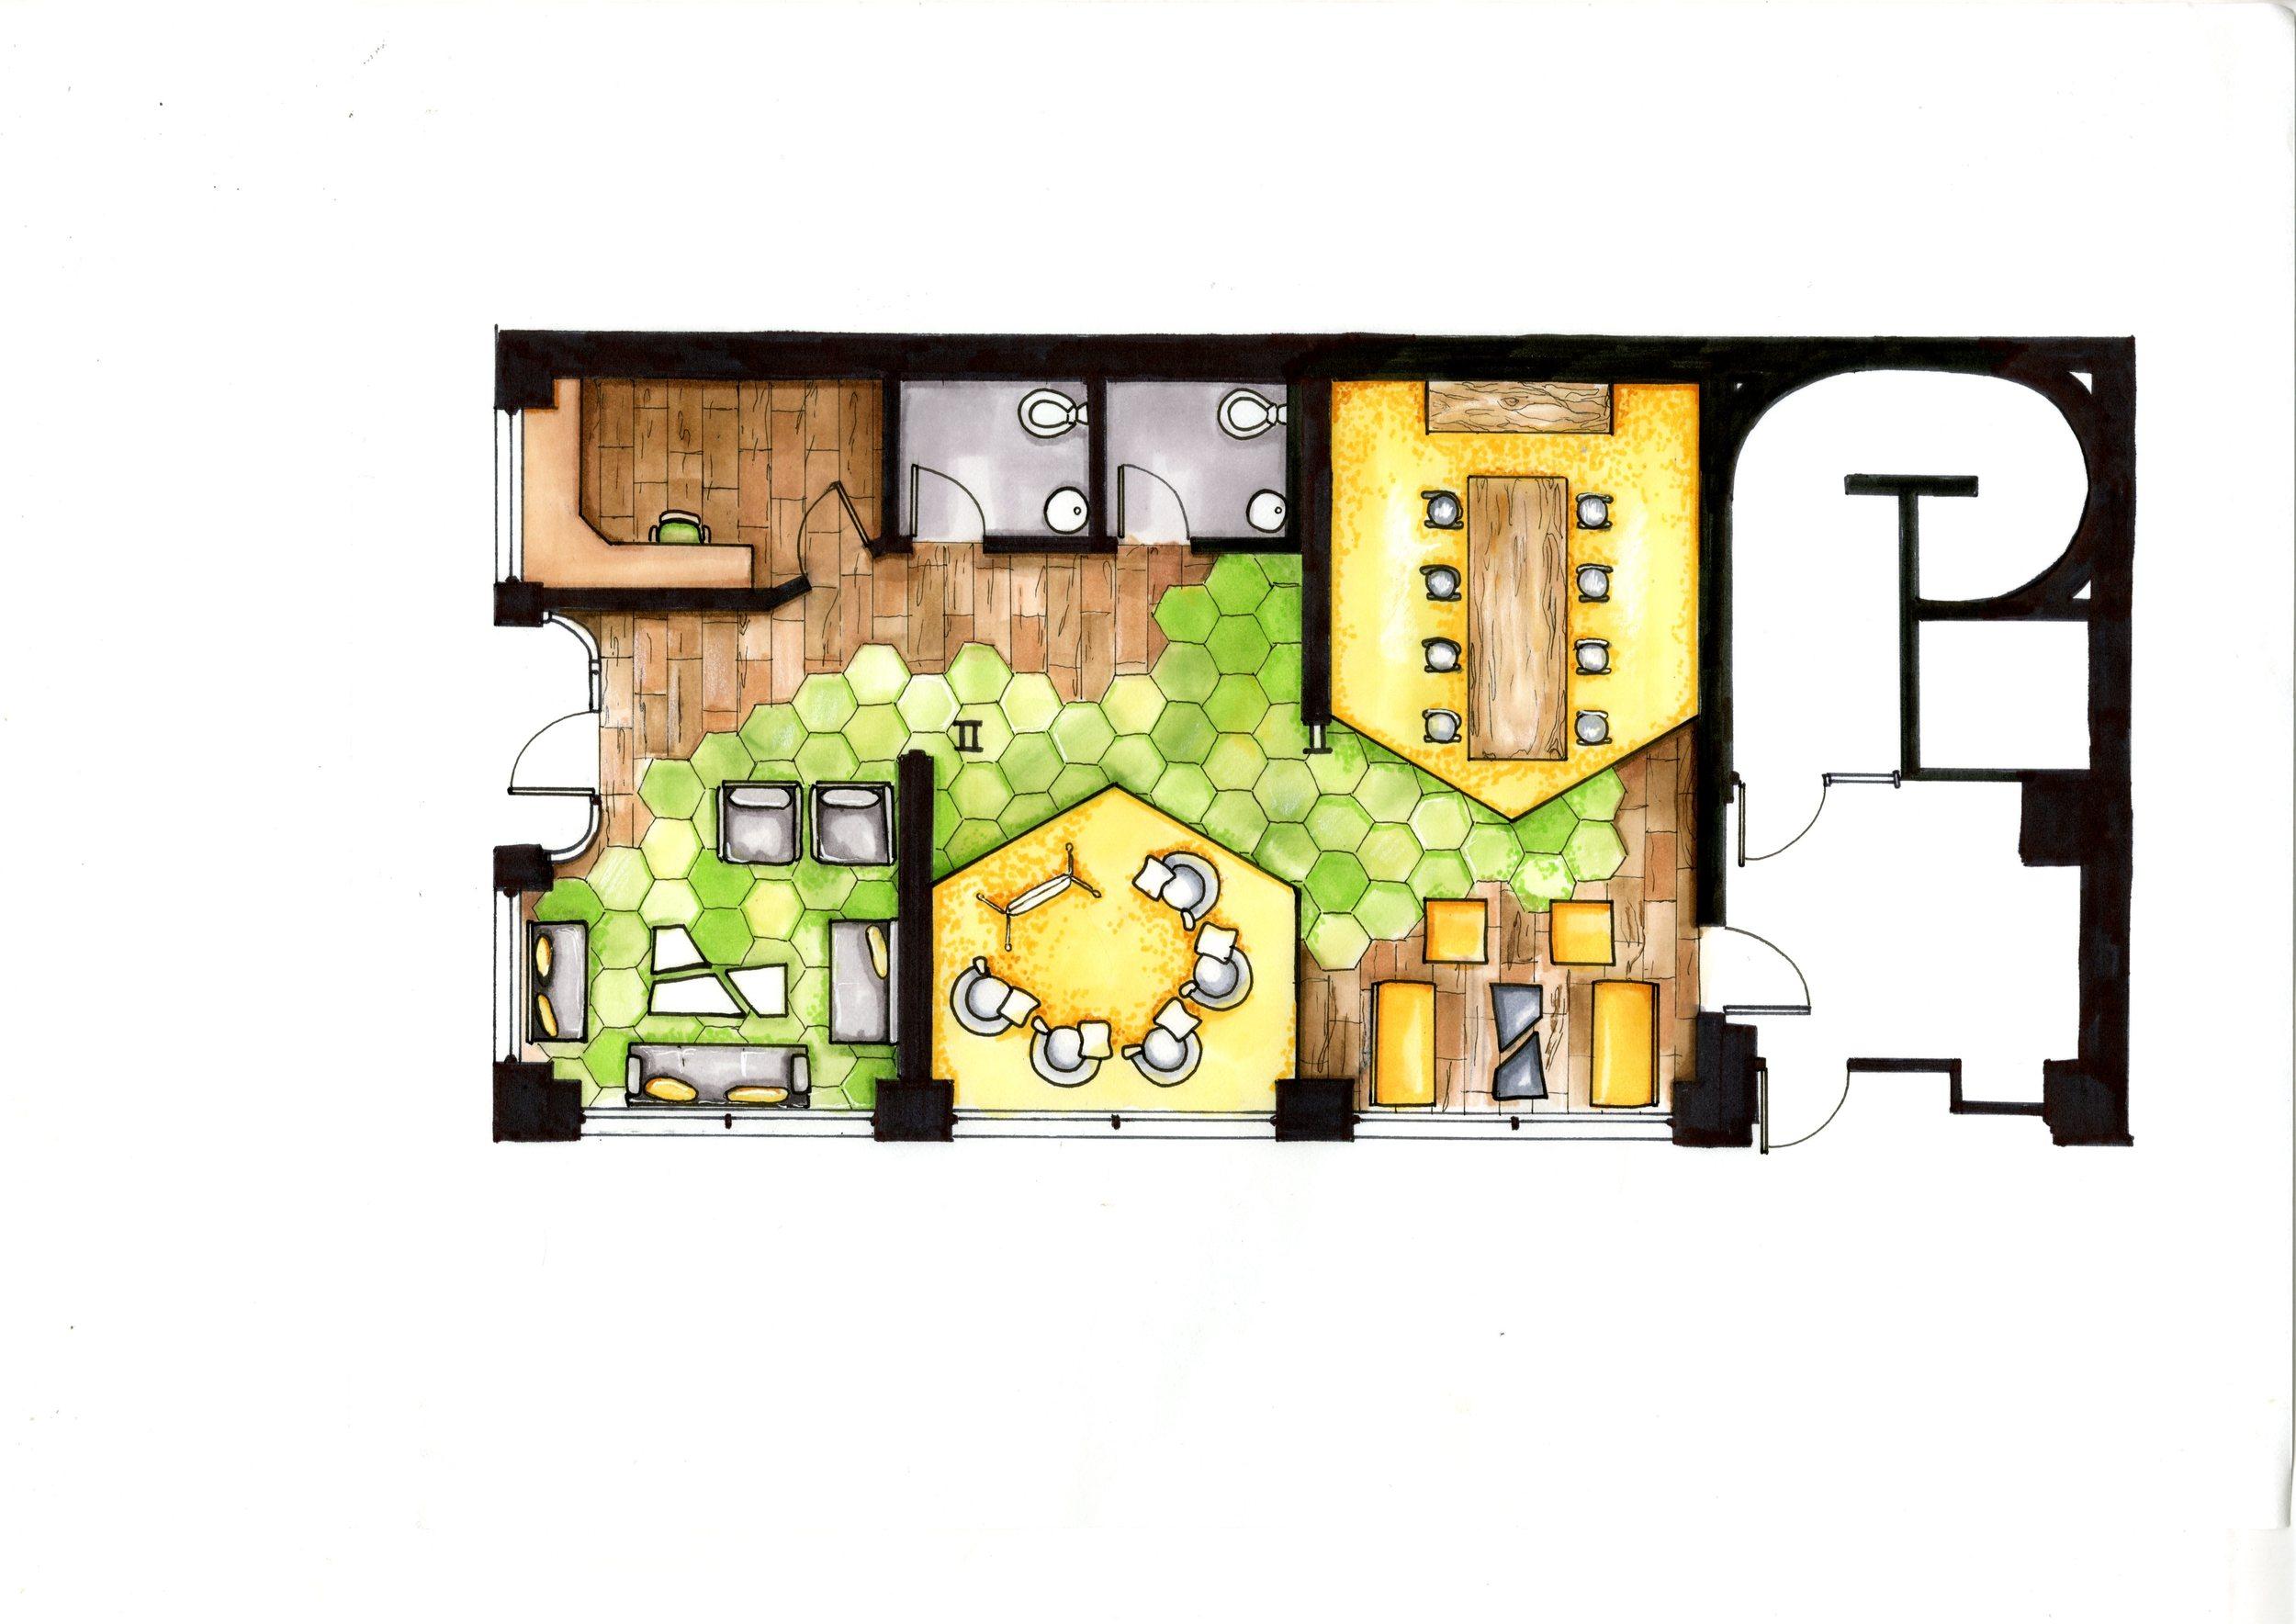 rendered floorplan copy.jpg